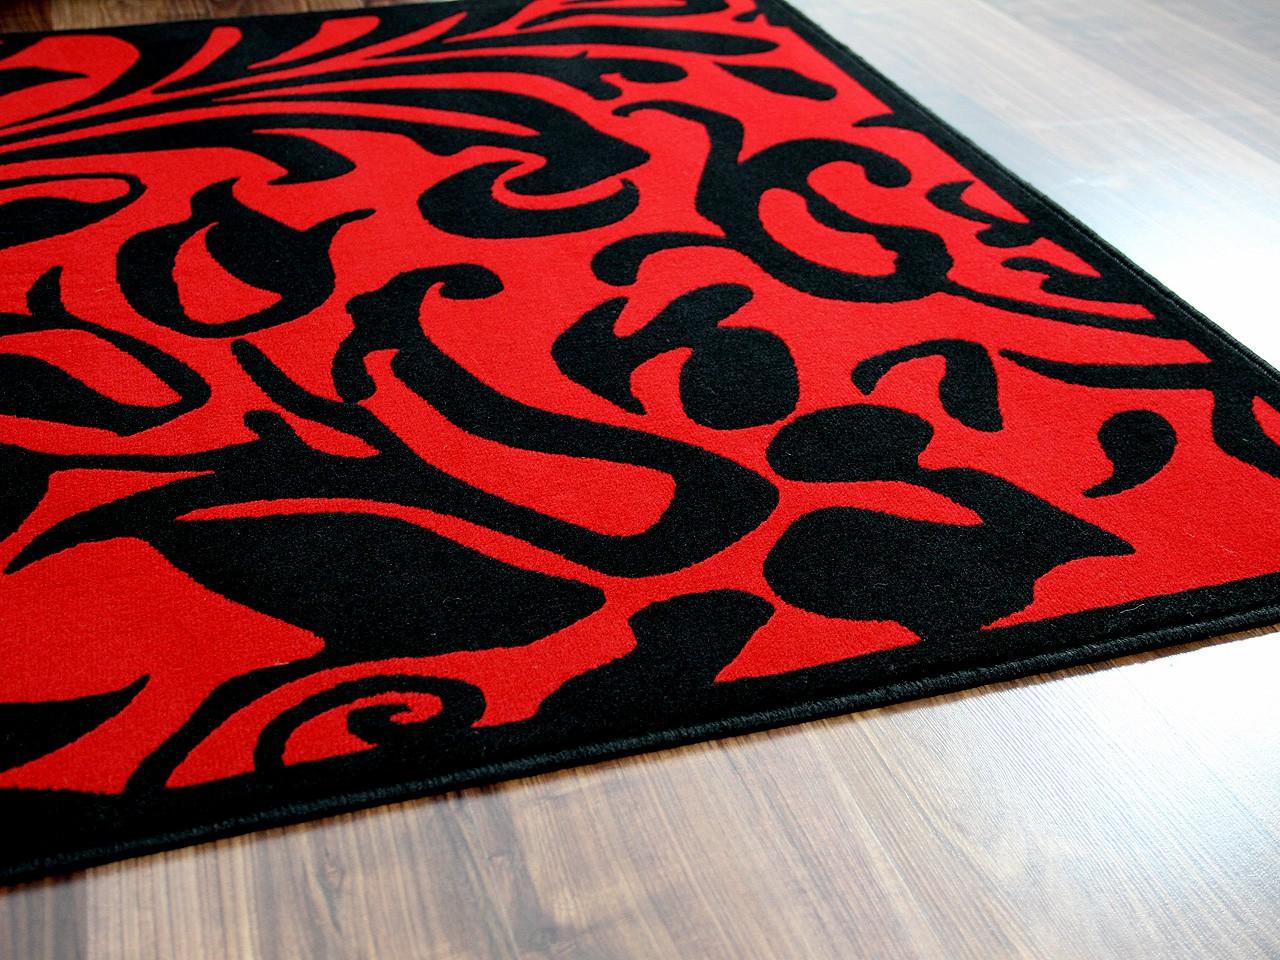 Designer Teppich Passion Schwarz Rot Barock Teppiche Designerteppiche ...